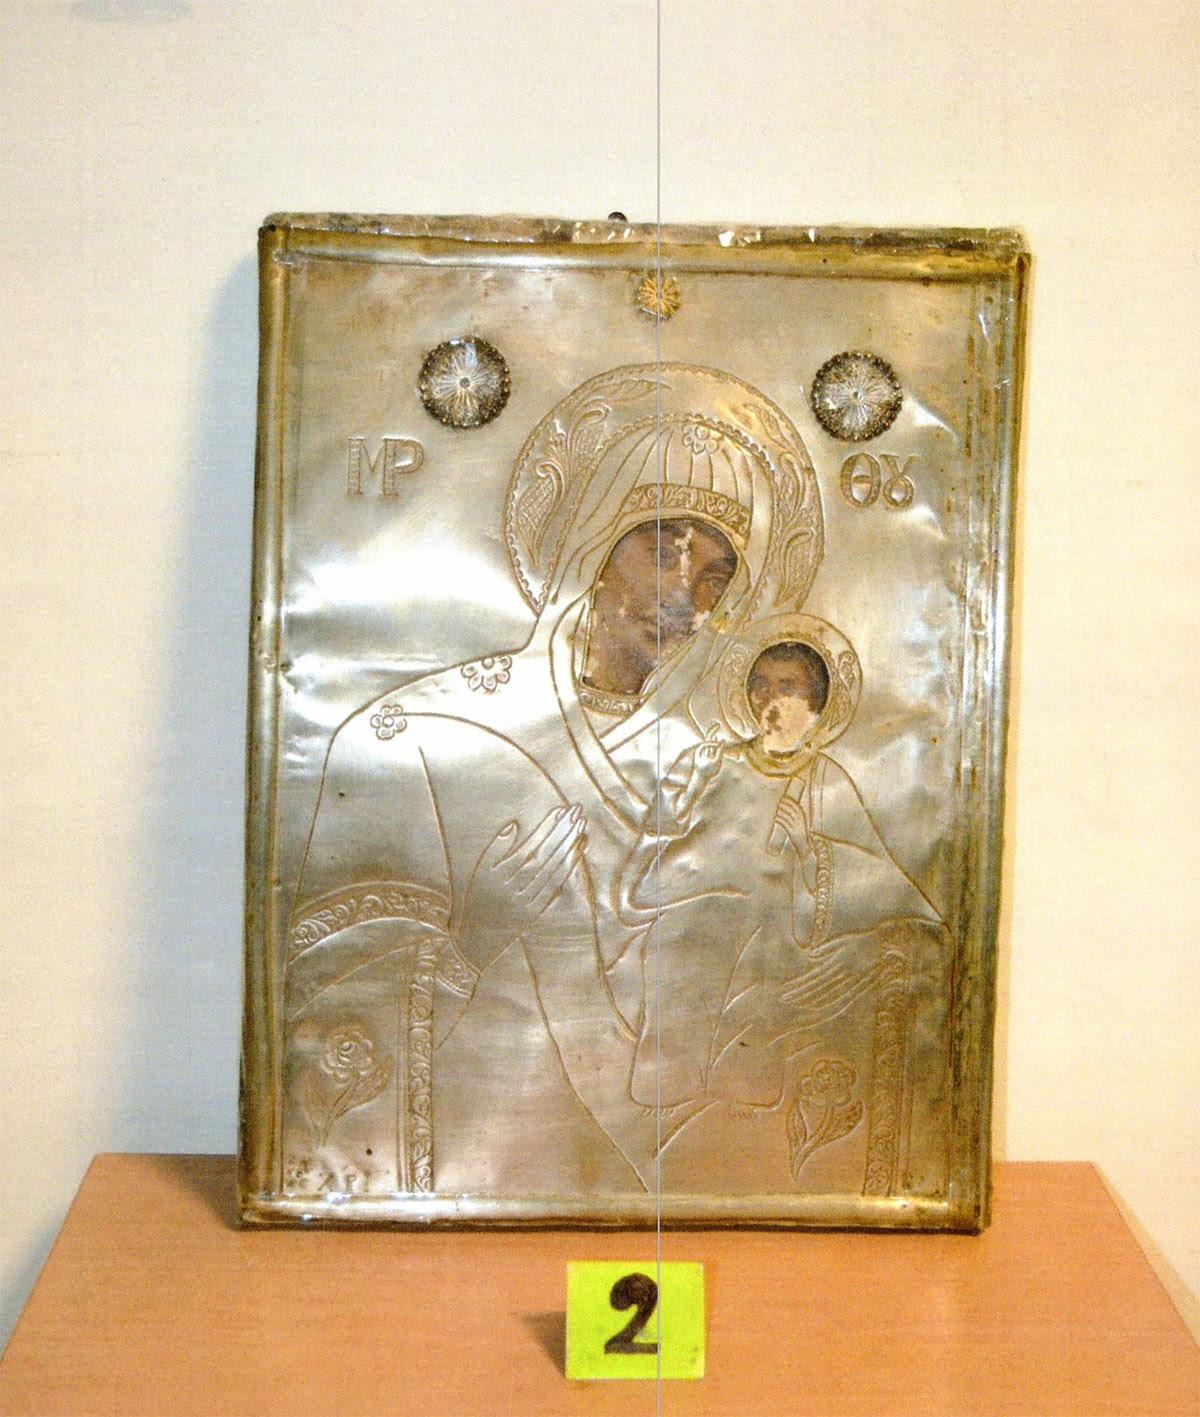 Εικόνα που βρέθηκε και κατασχέθηκε στα Ιωάννινα (φωτ. Ελληνική Αστυνομία).